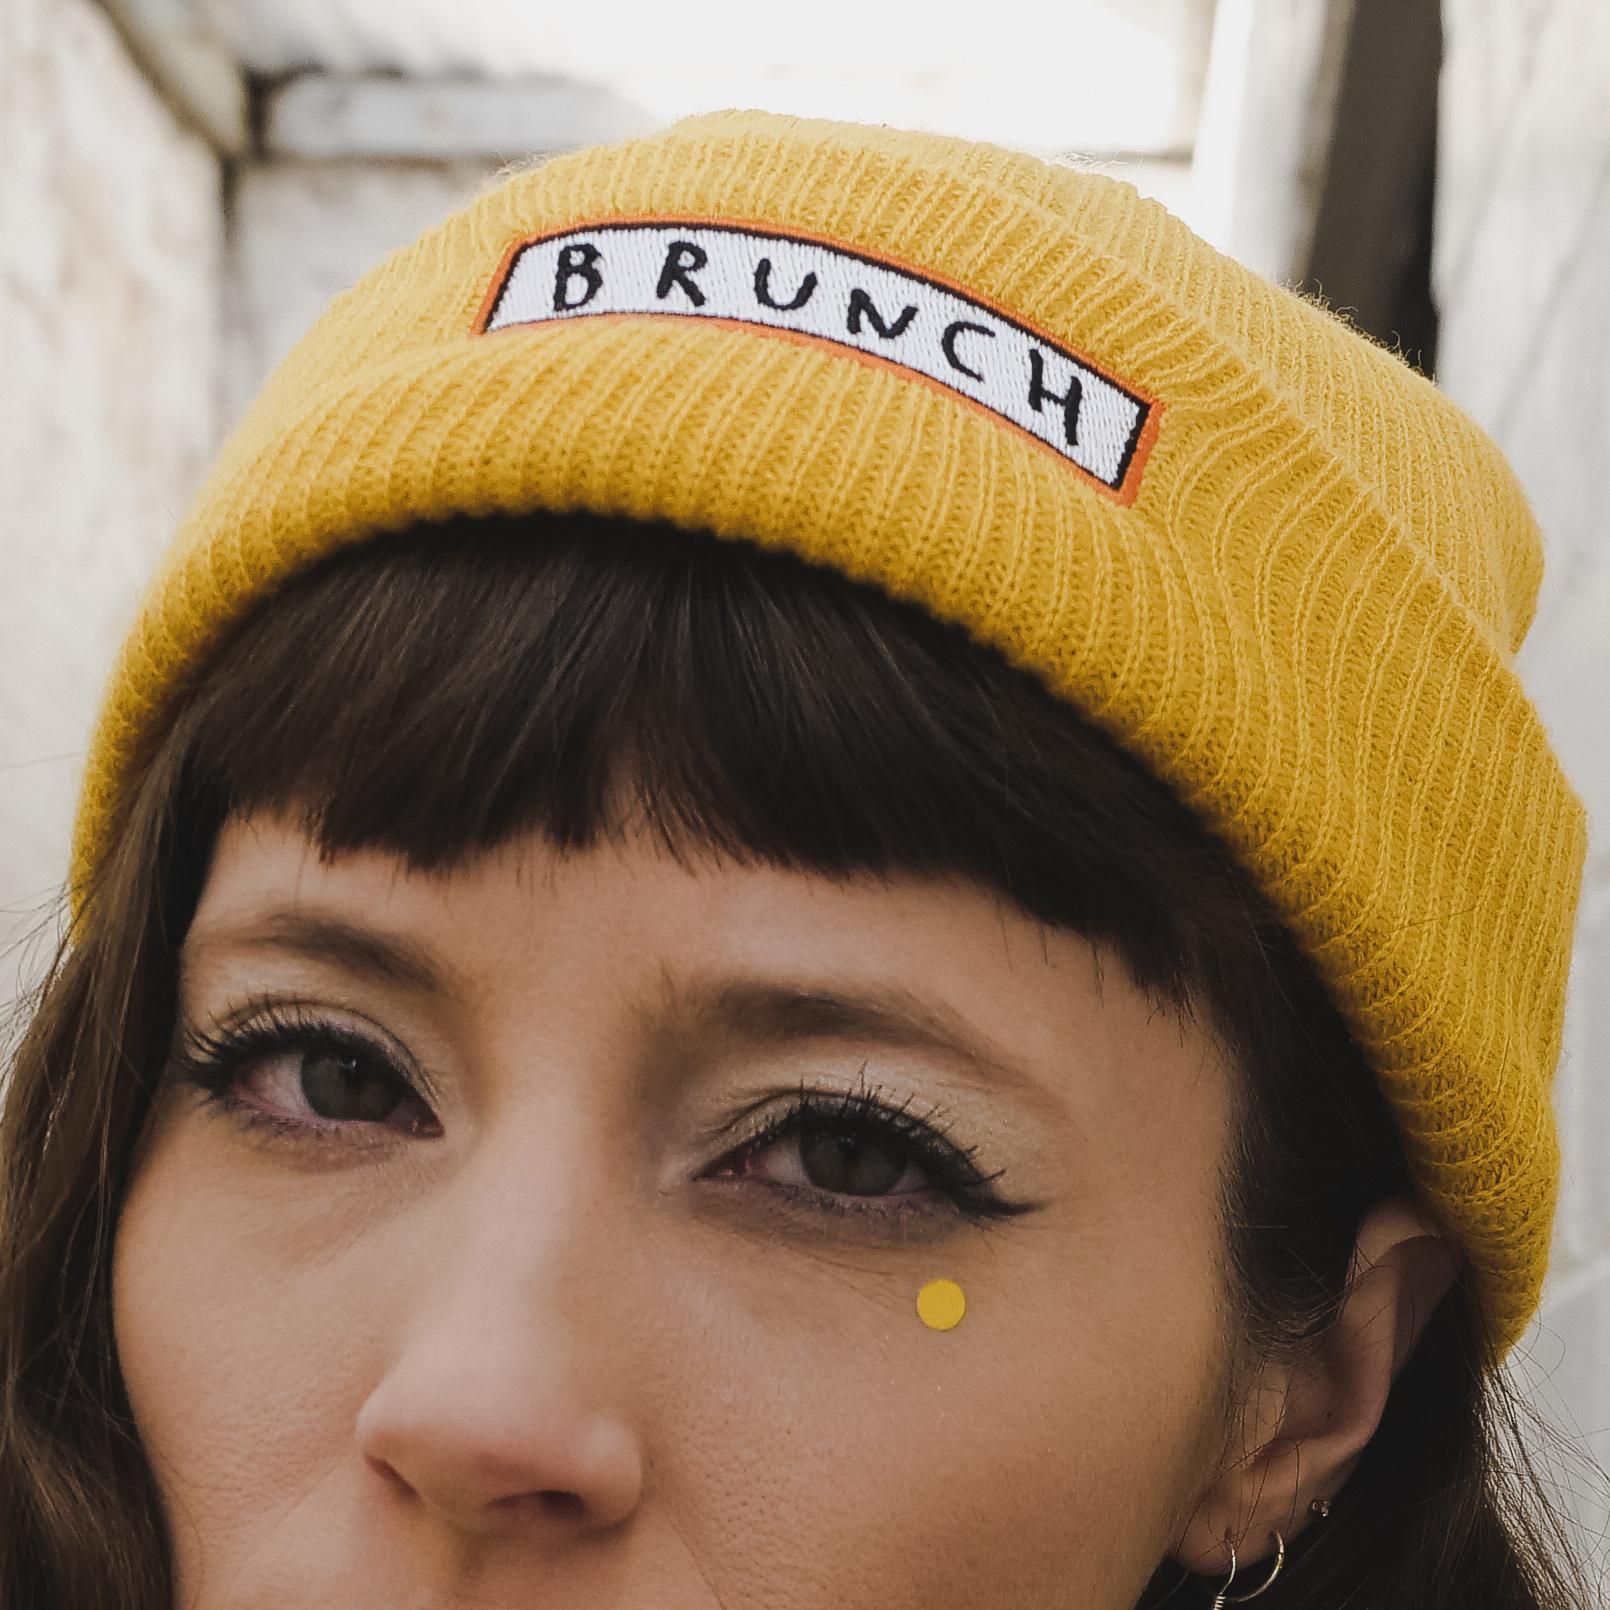 Brunch Mustard Girl.jpg